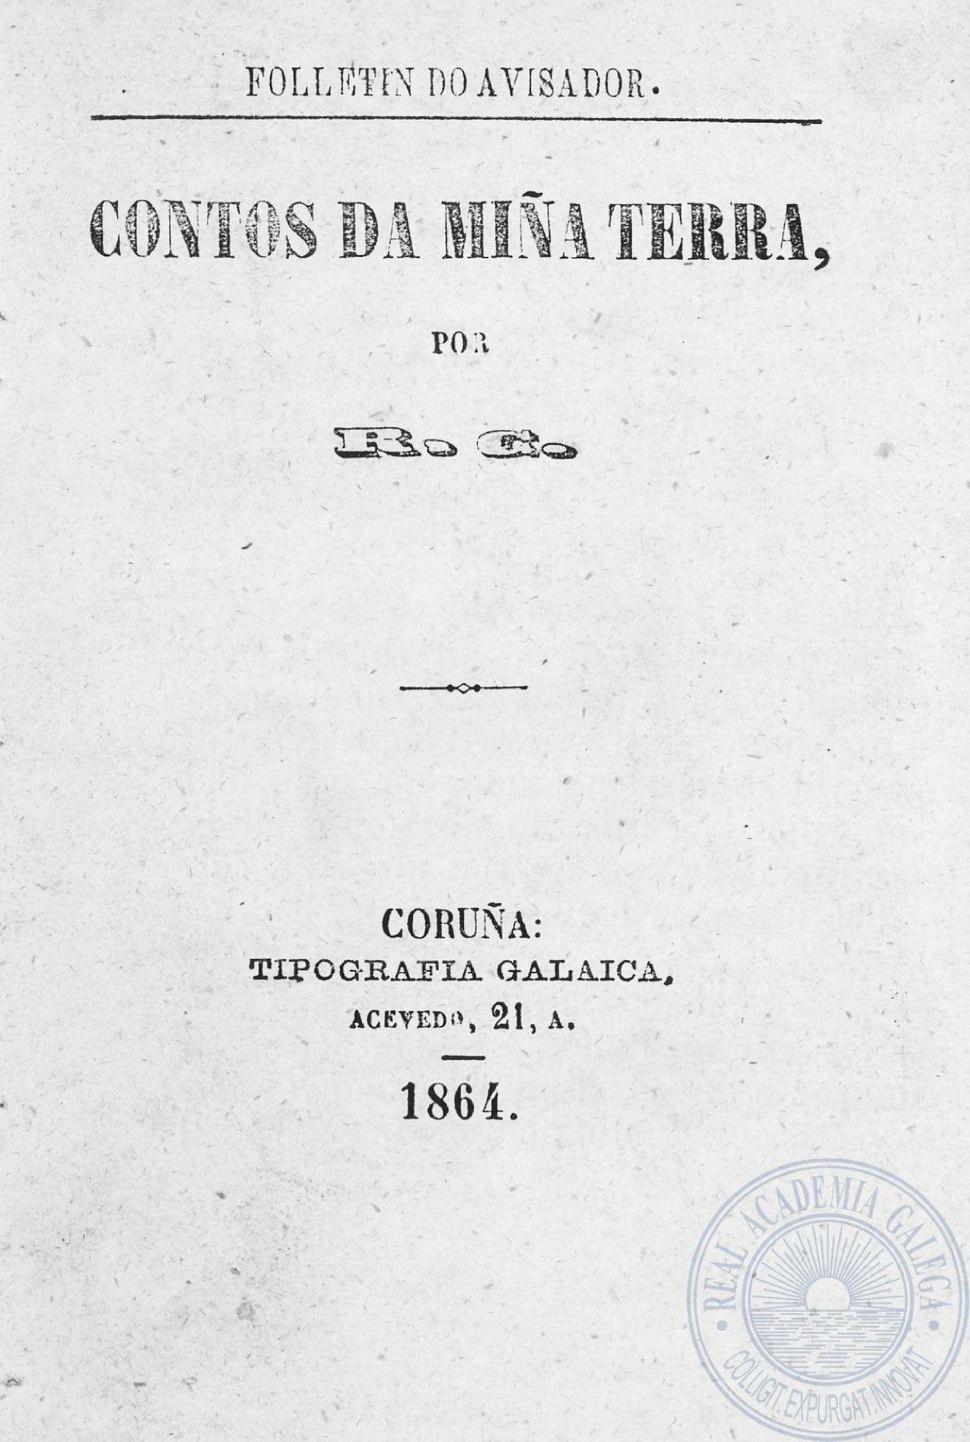 Contos da miña terra, 1864, no Folletín do Avisador.